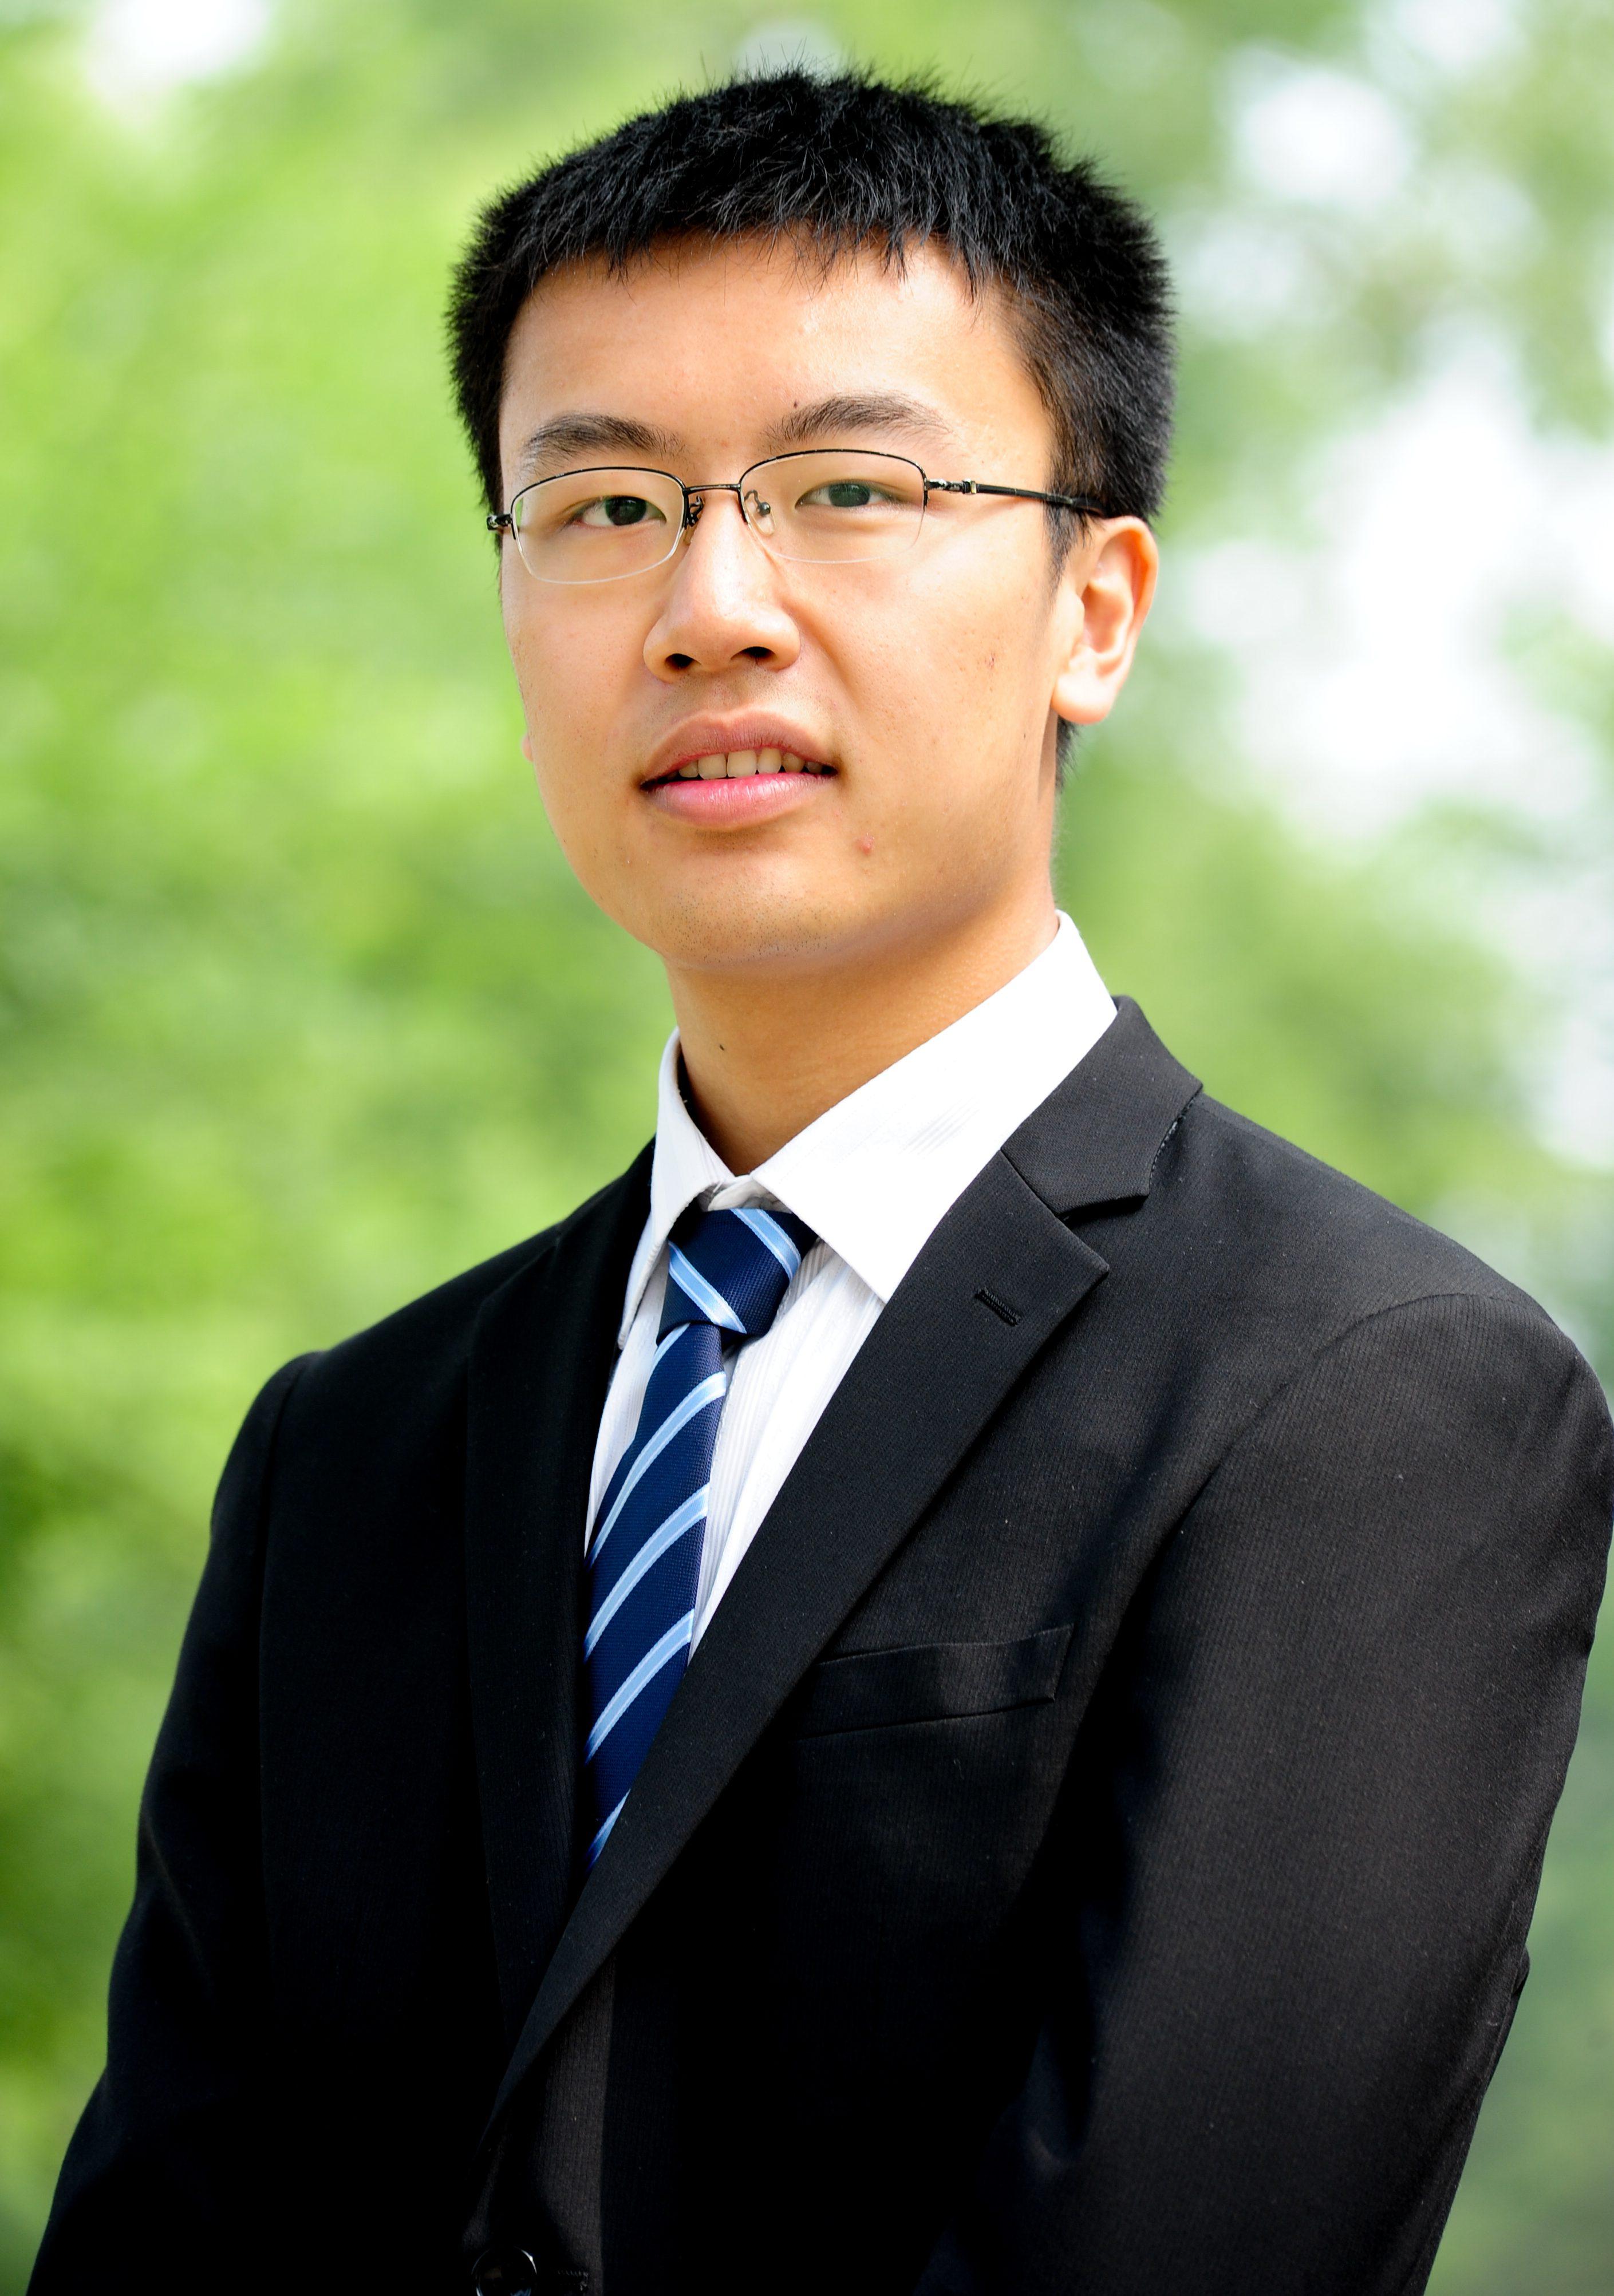 Yusheng Wang